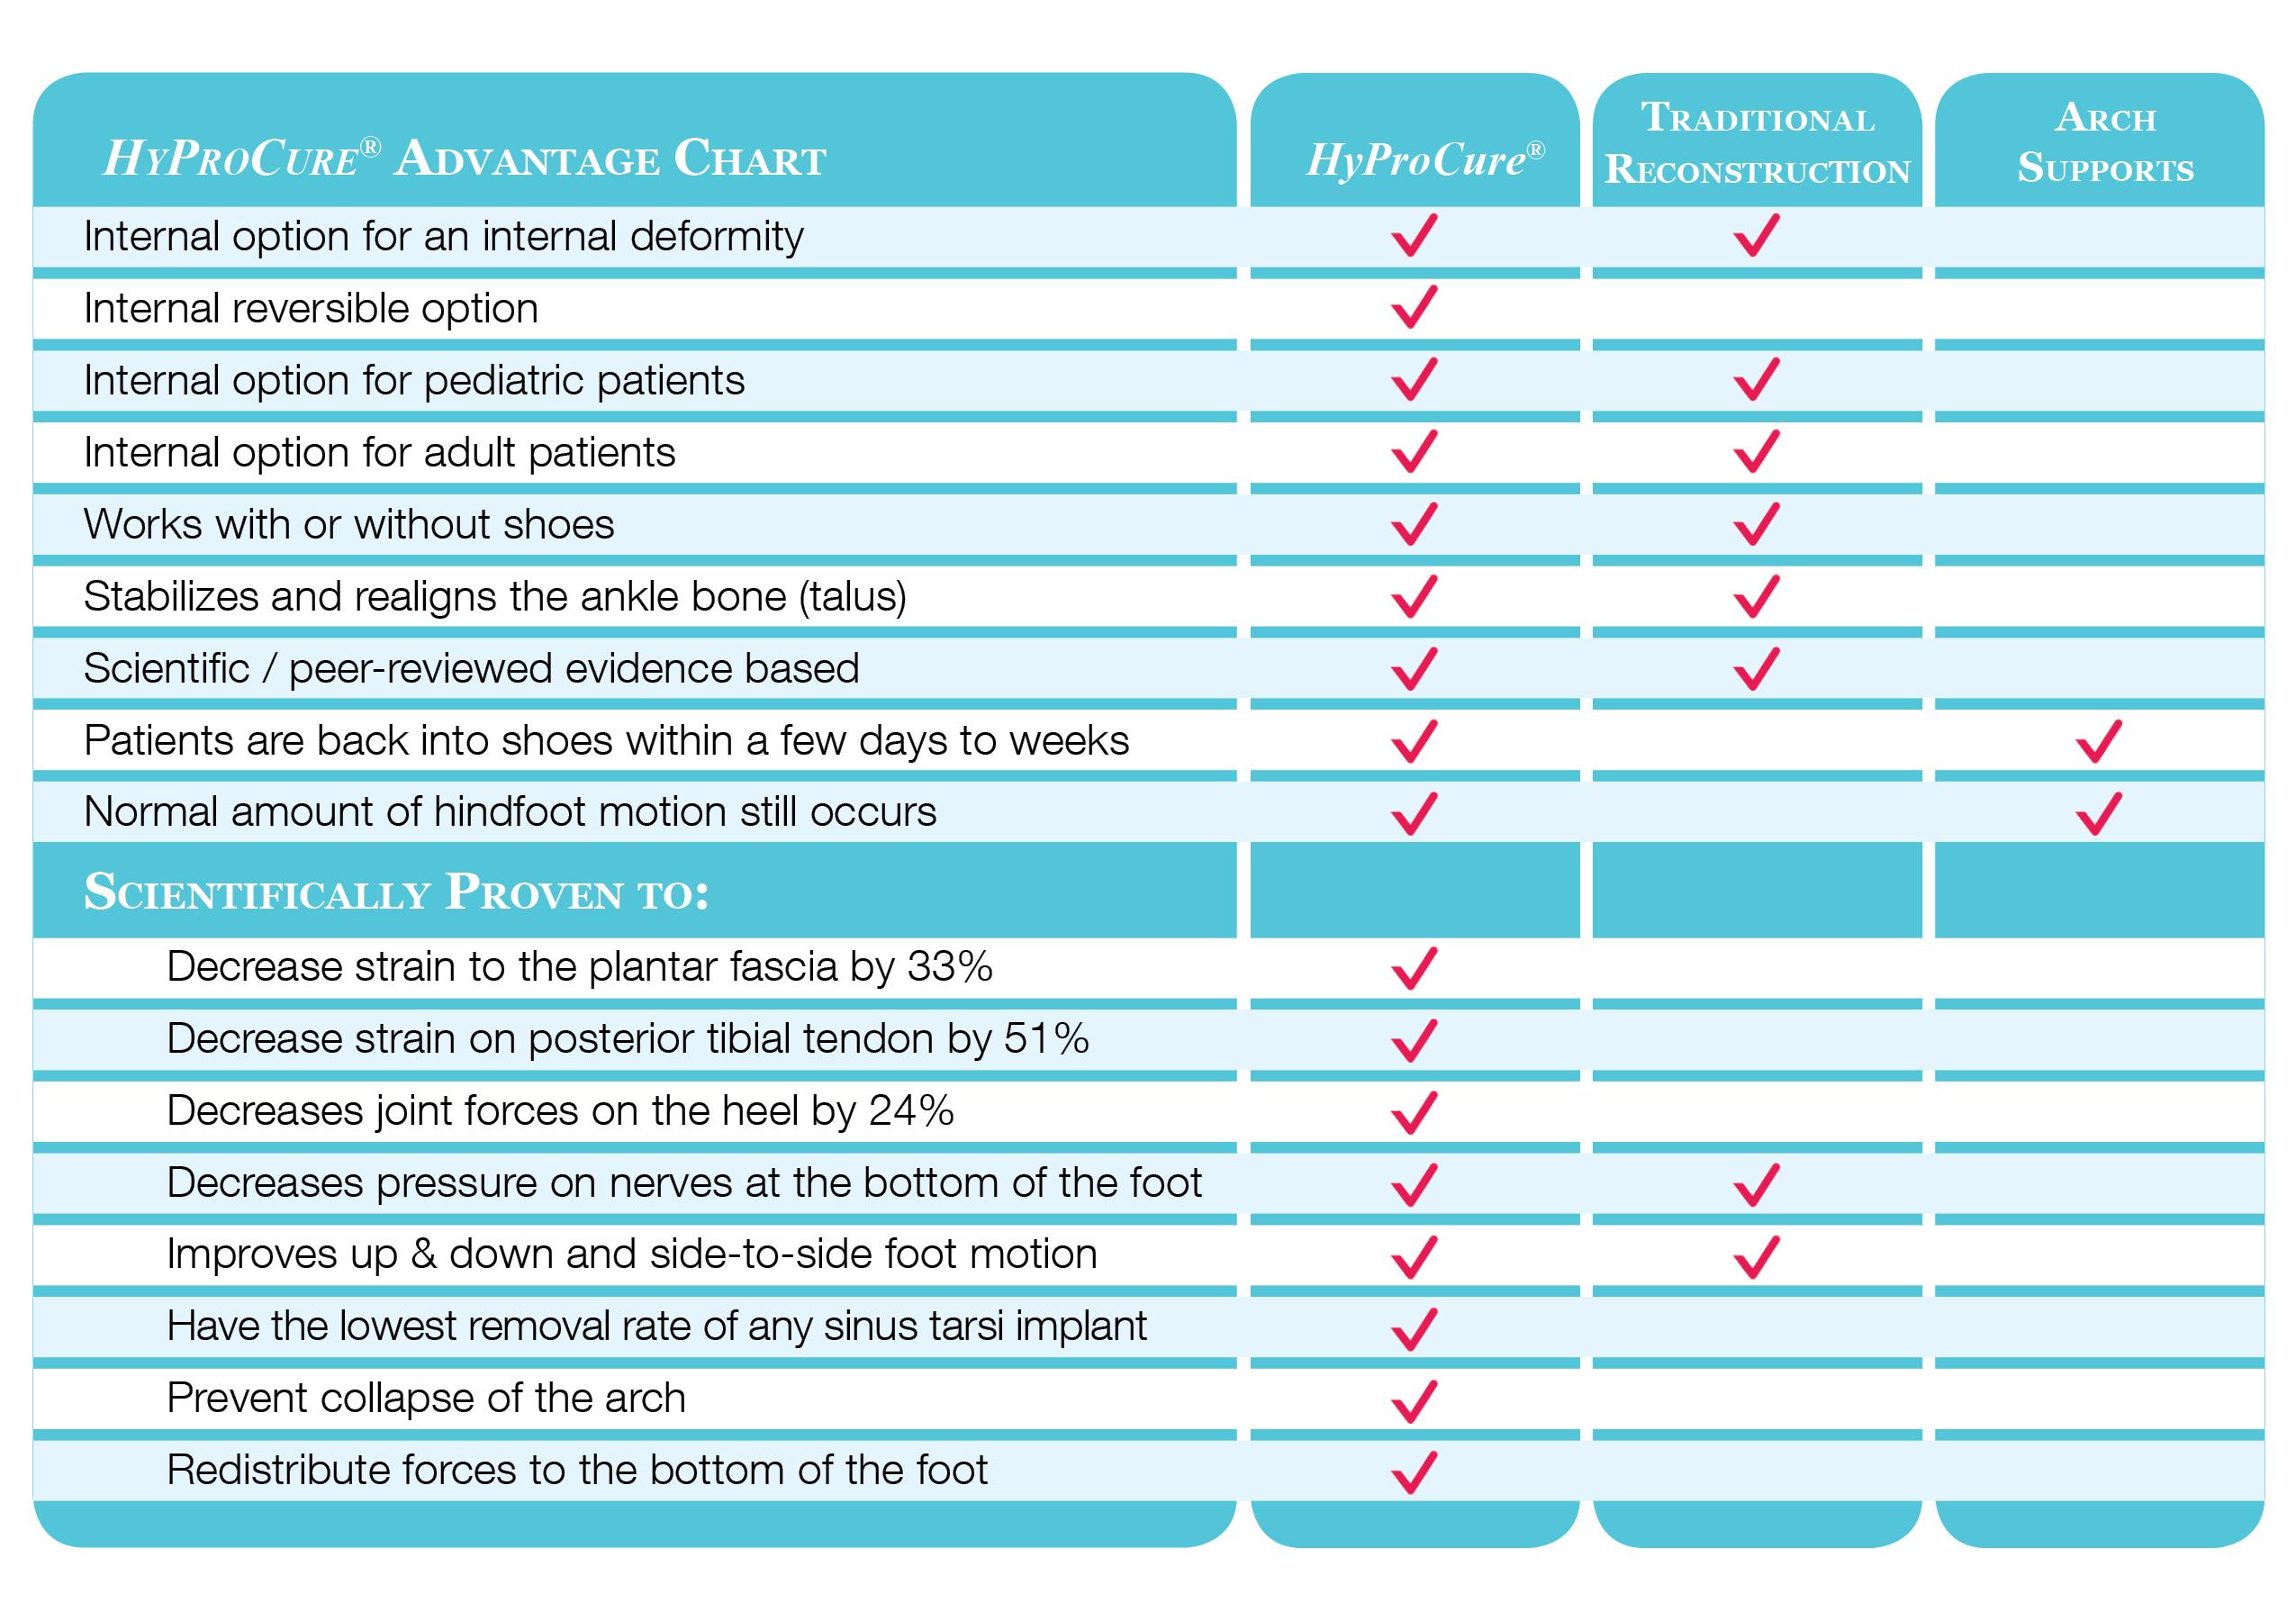 HyProCure vs other treatments comparison chart